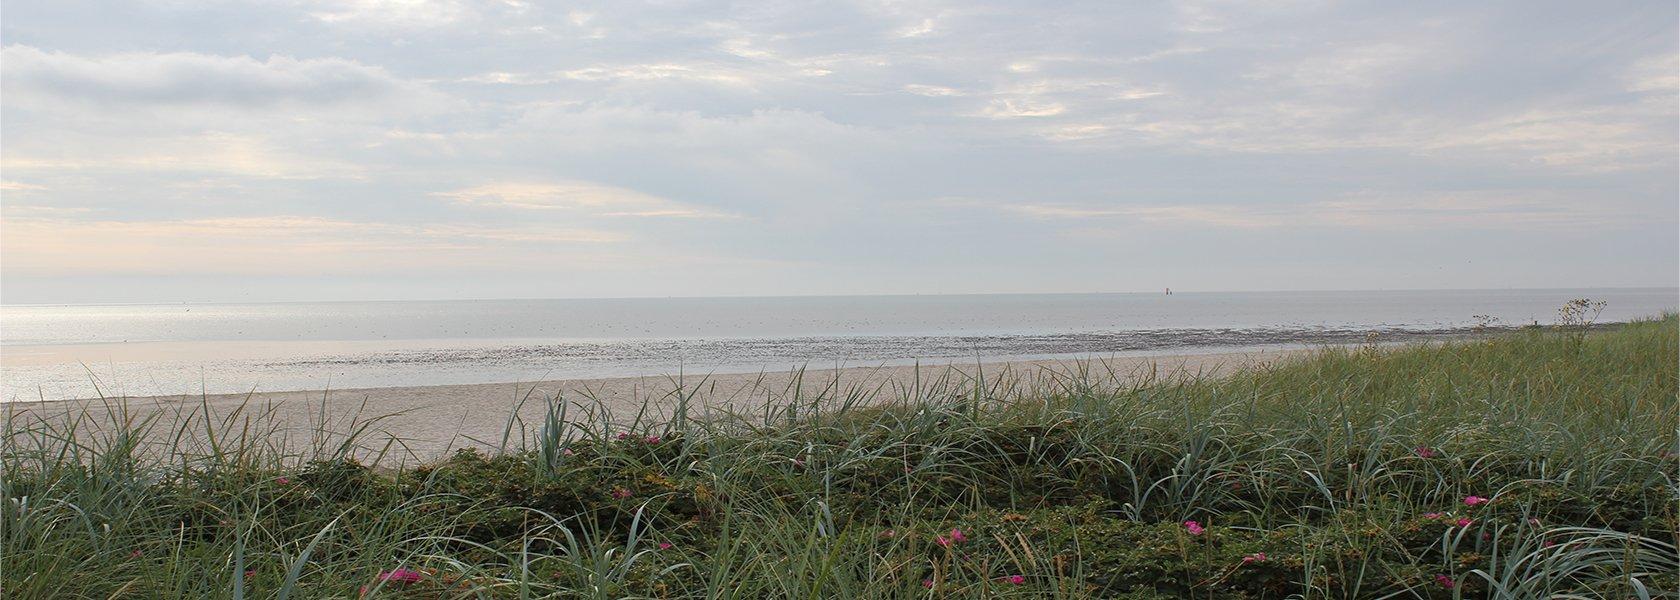 Strand von Schillig, © Die Nordsee GmbH, Katja Benke